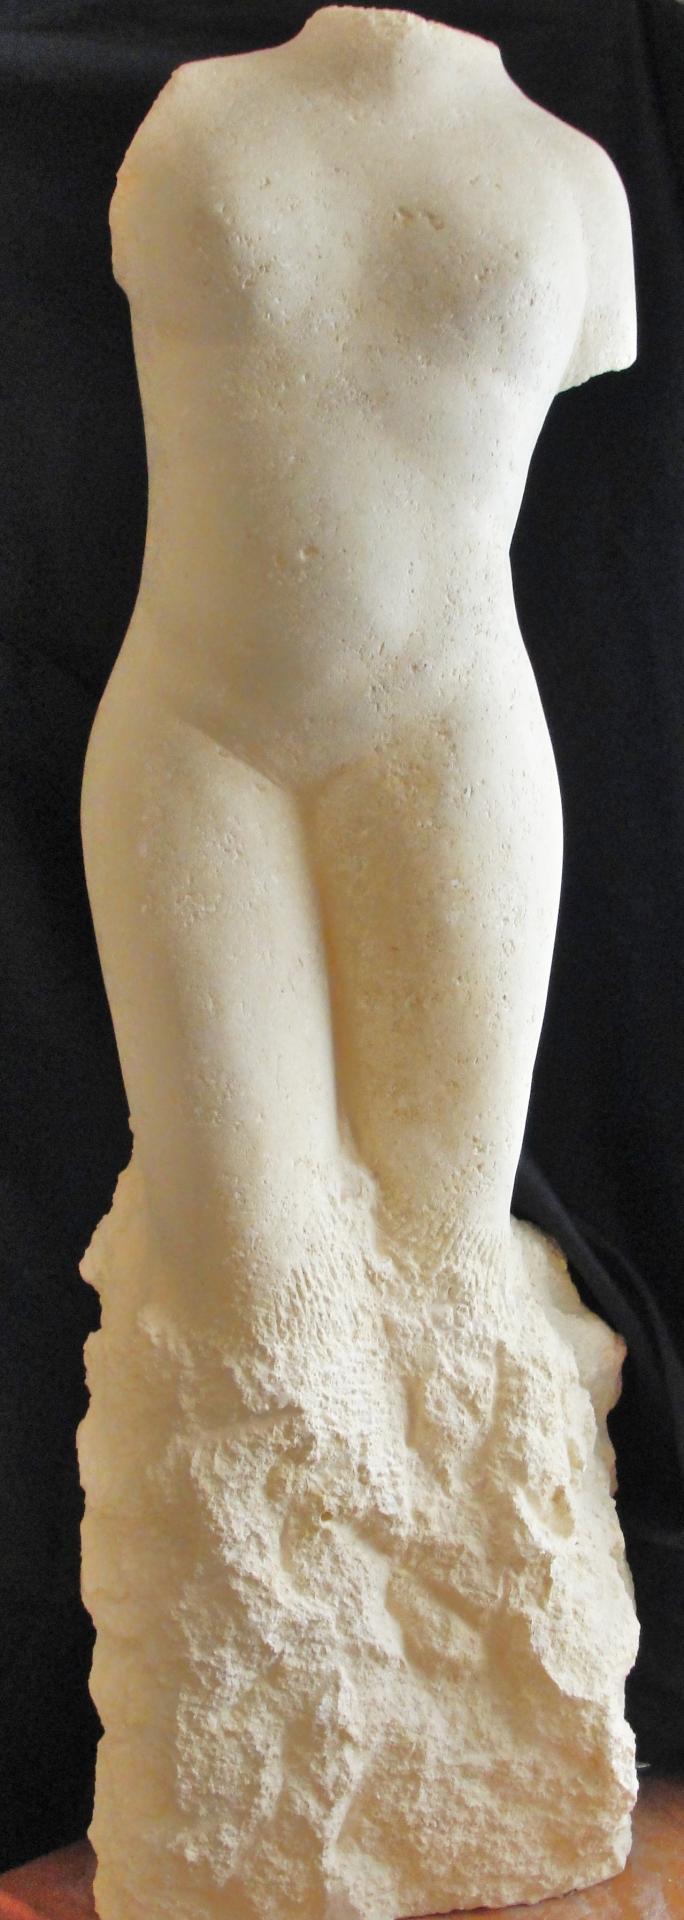 Venus sculpture en pierre statue de jean joseph chevalier 3